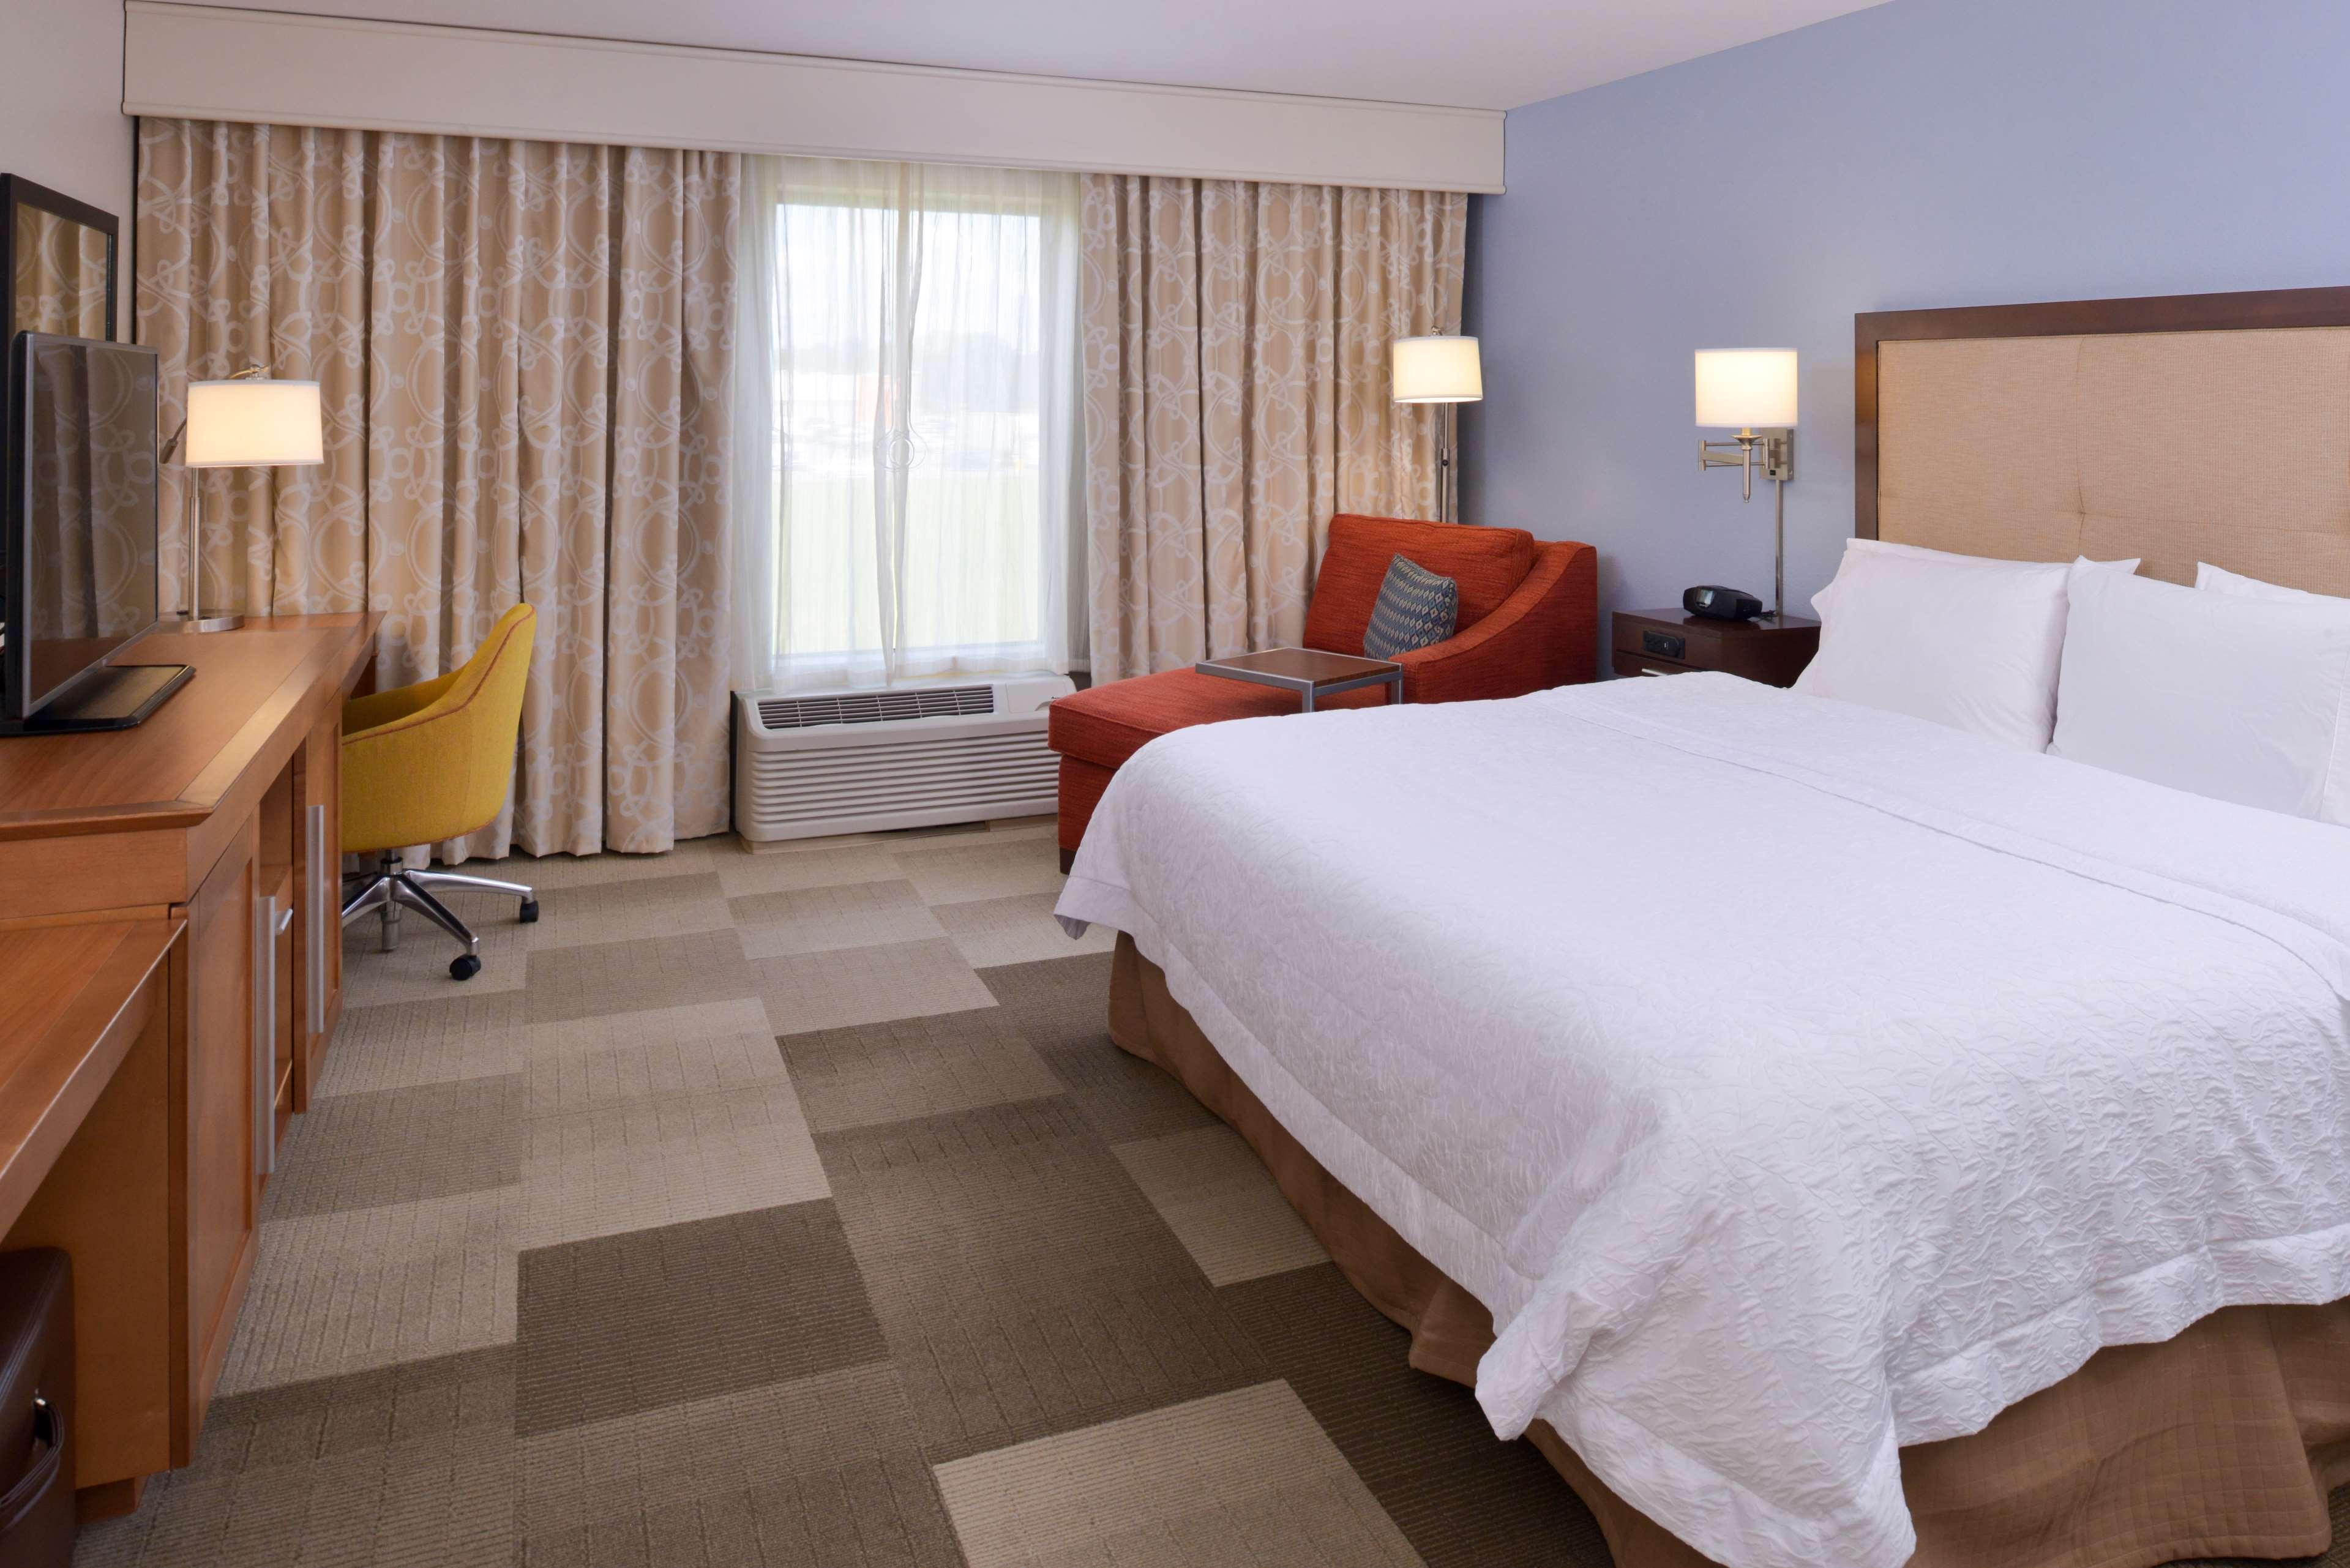 Hampton Inn & Suites Lonoke image 34